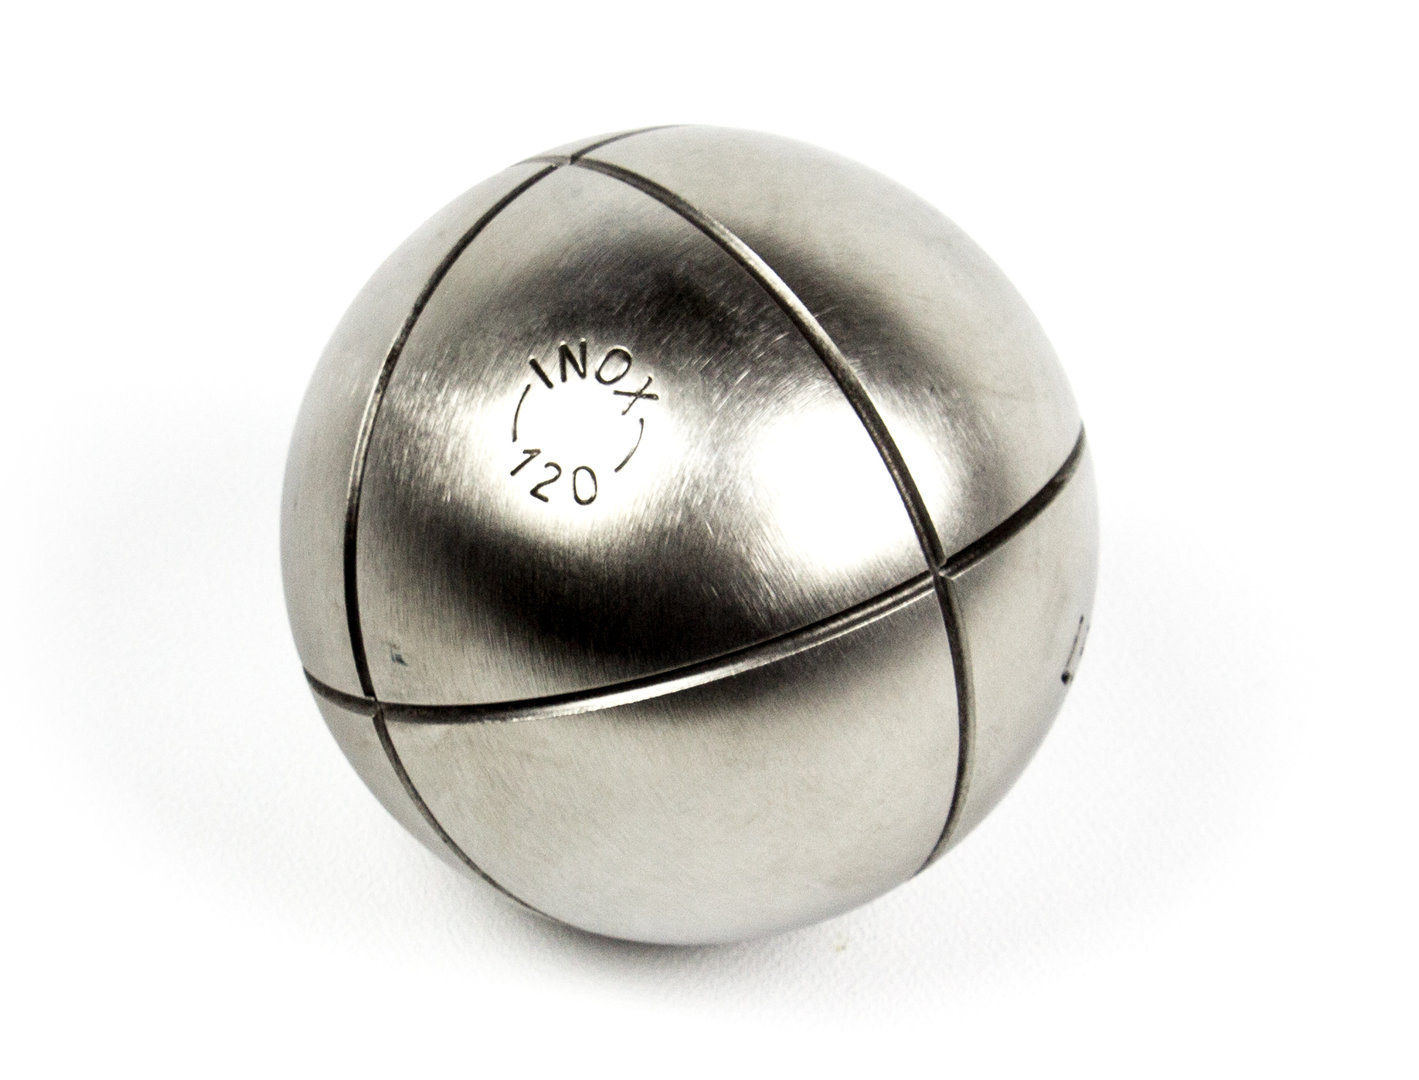 Edles Profi Boule Kugel Set - 3 sehr schöne Deluxe Boule